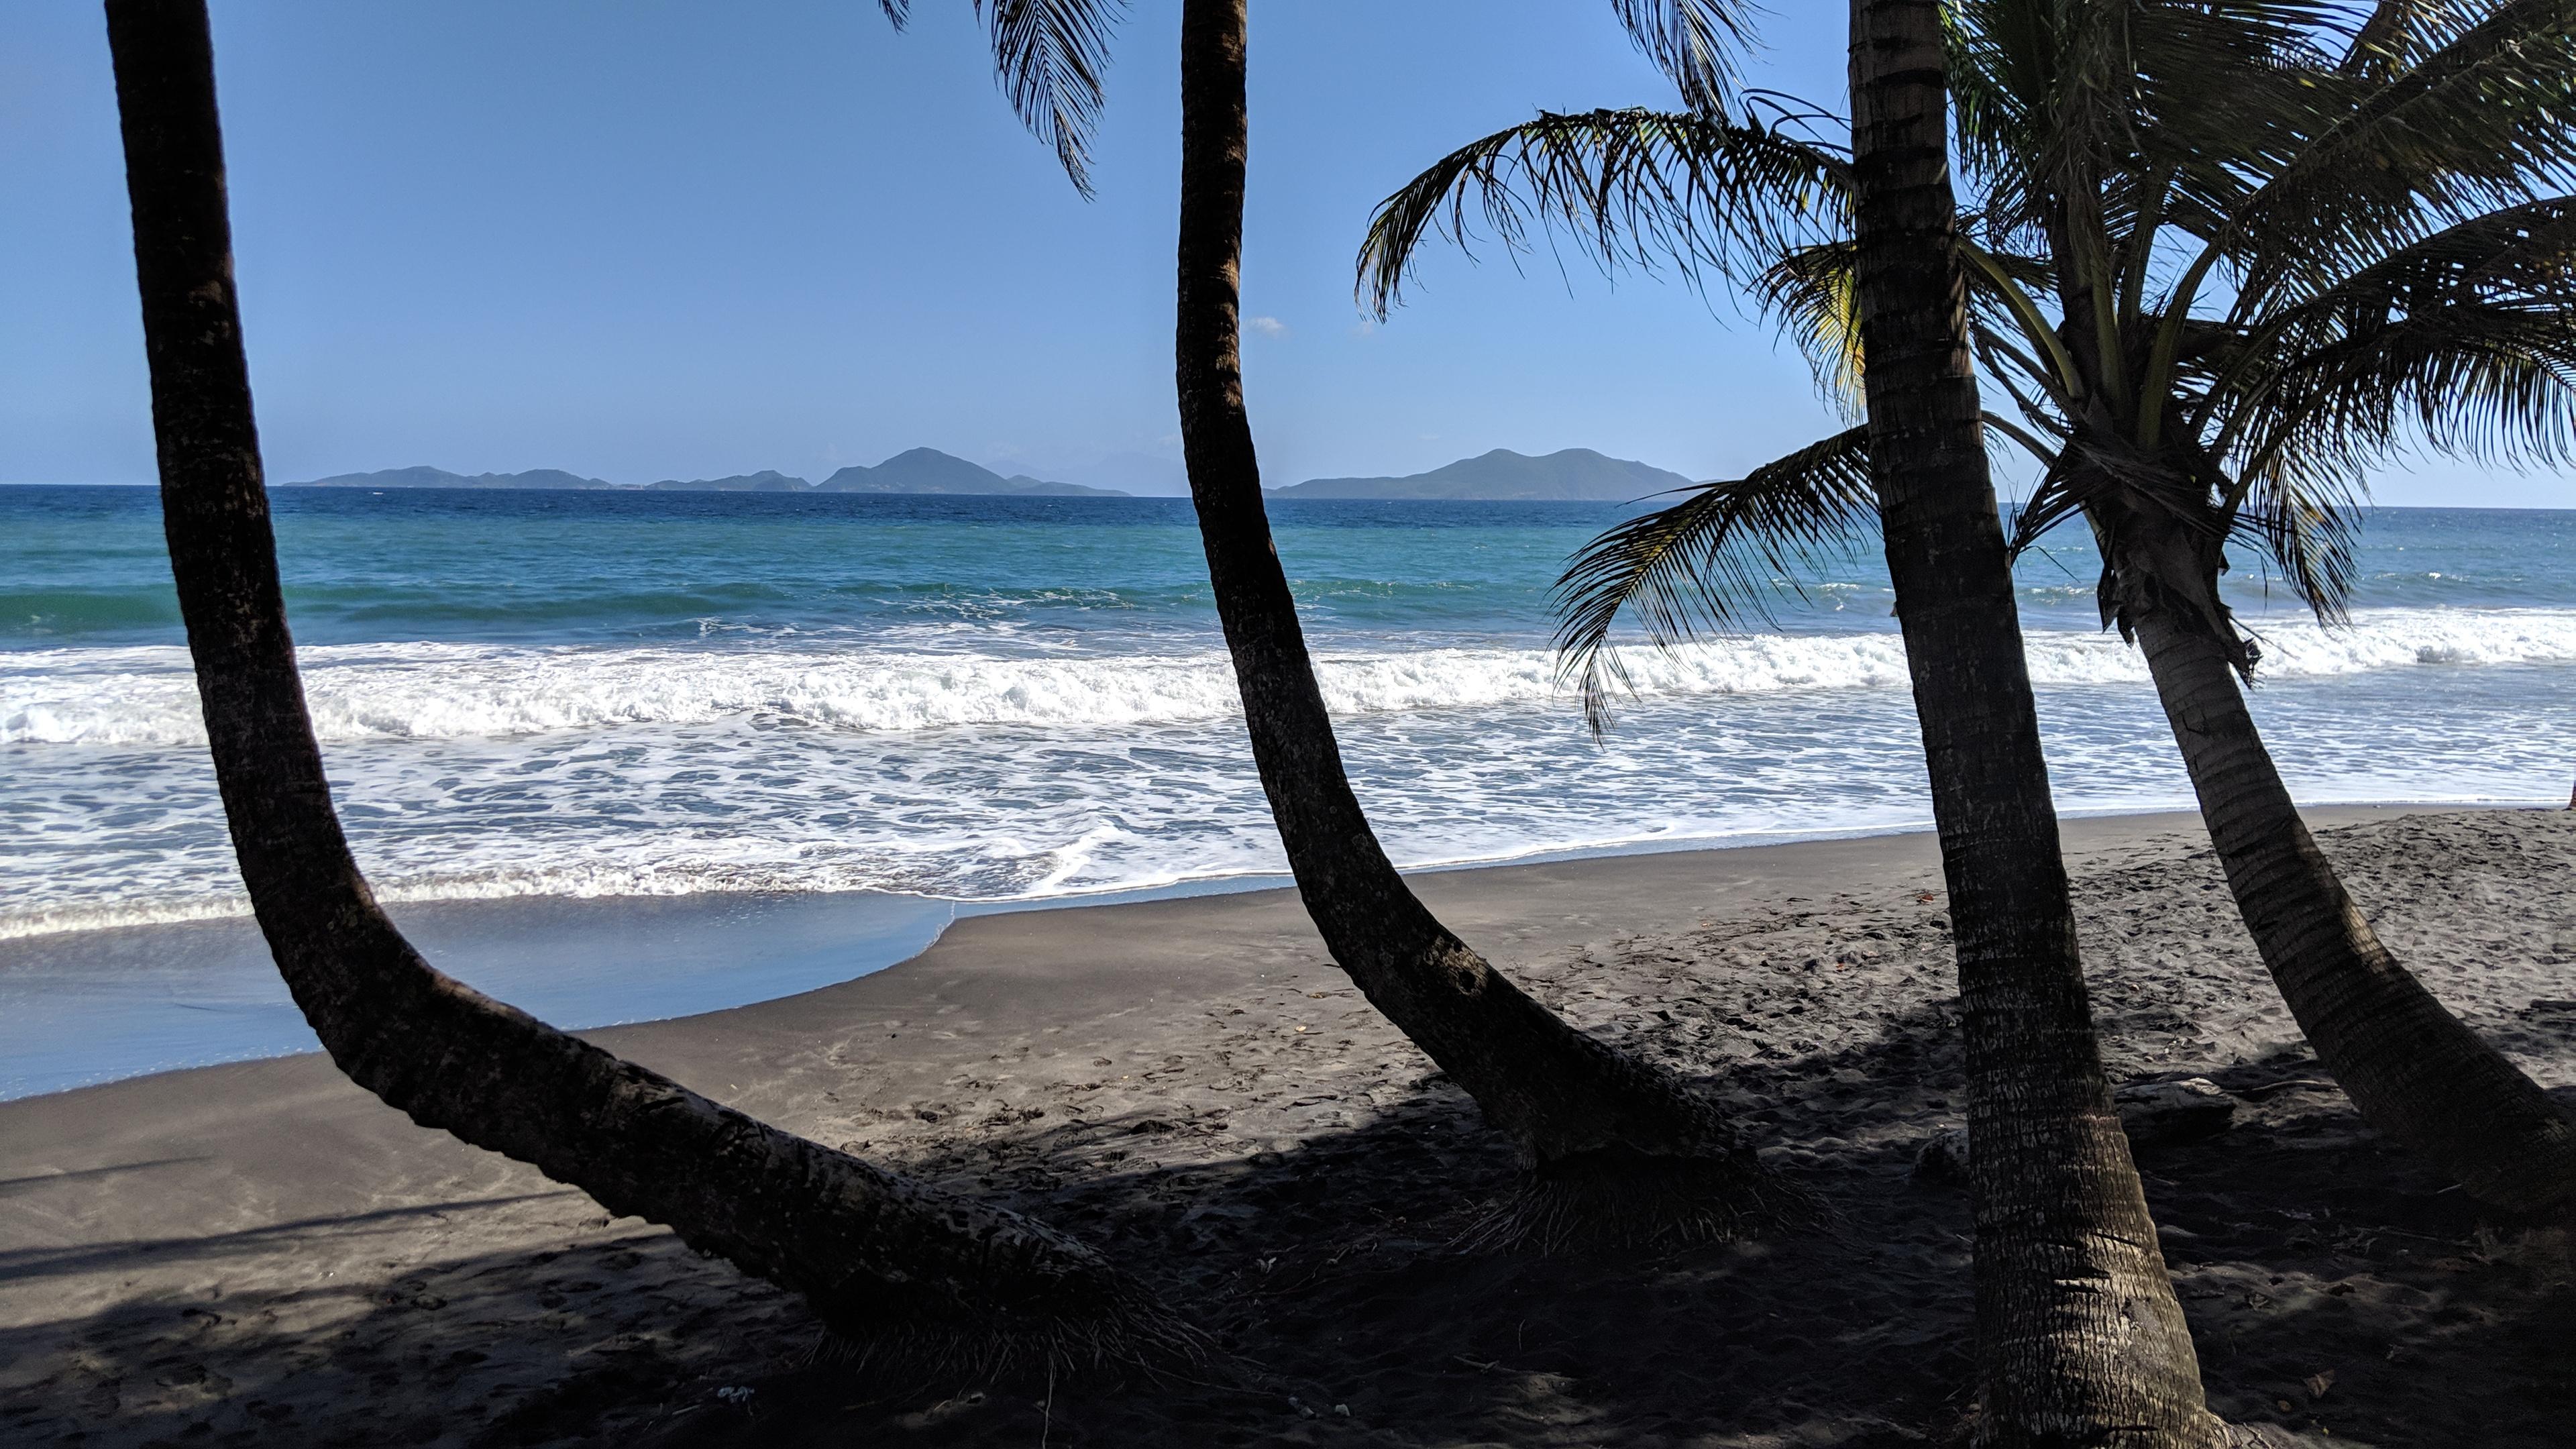 Plage mit Palmen und den Isles des Saintes